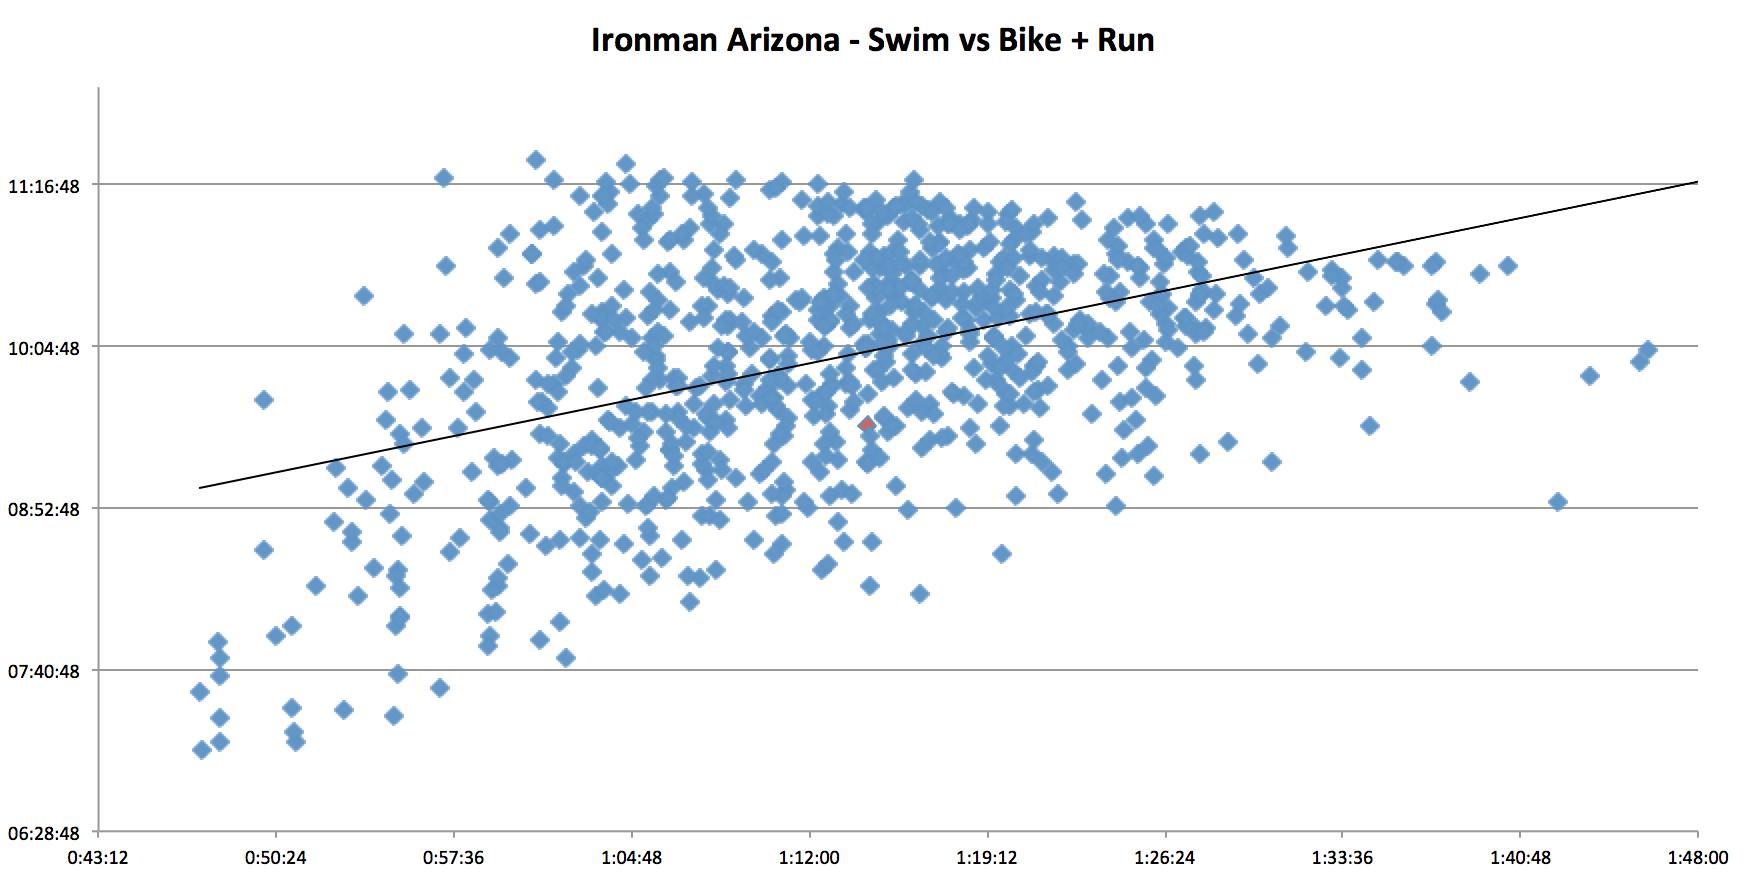 ironman_arizona_swim_s_bike_plus_run